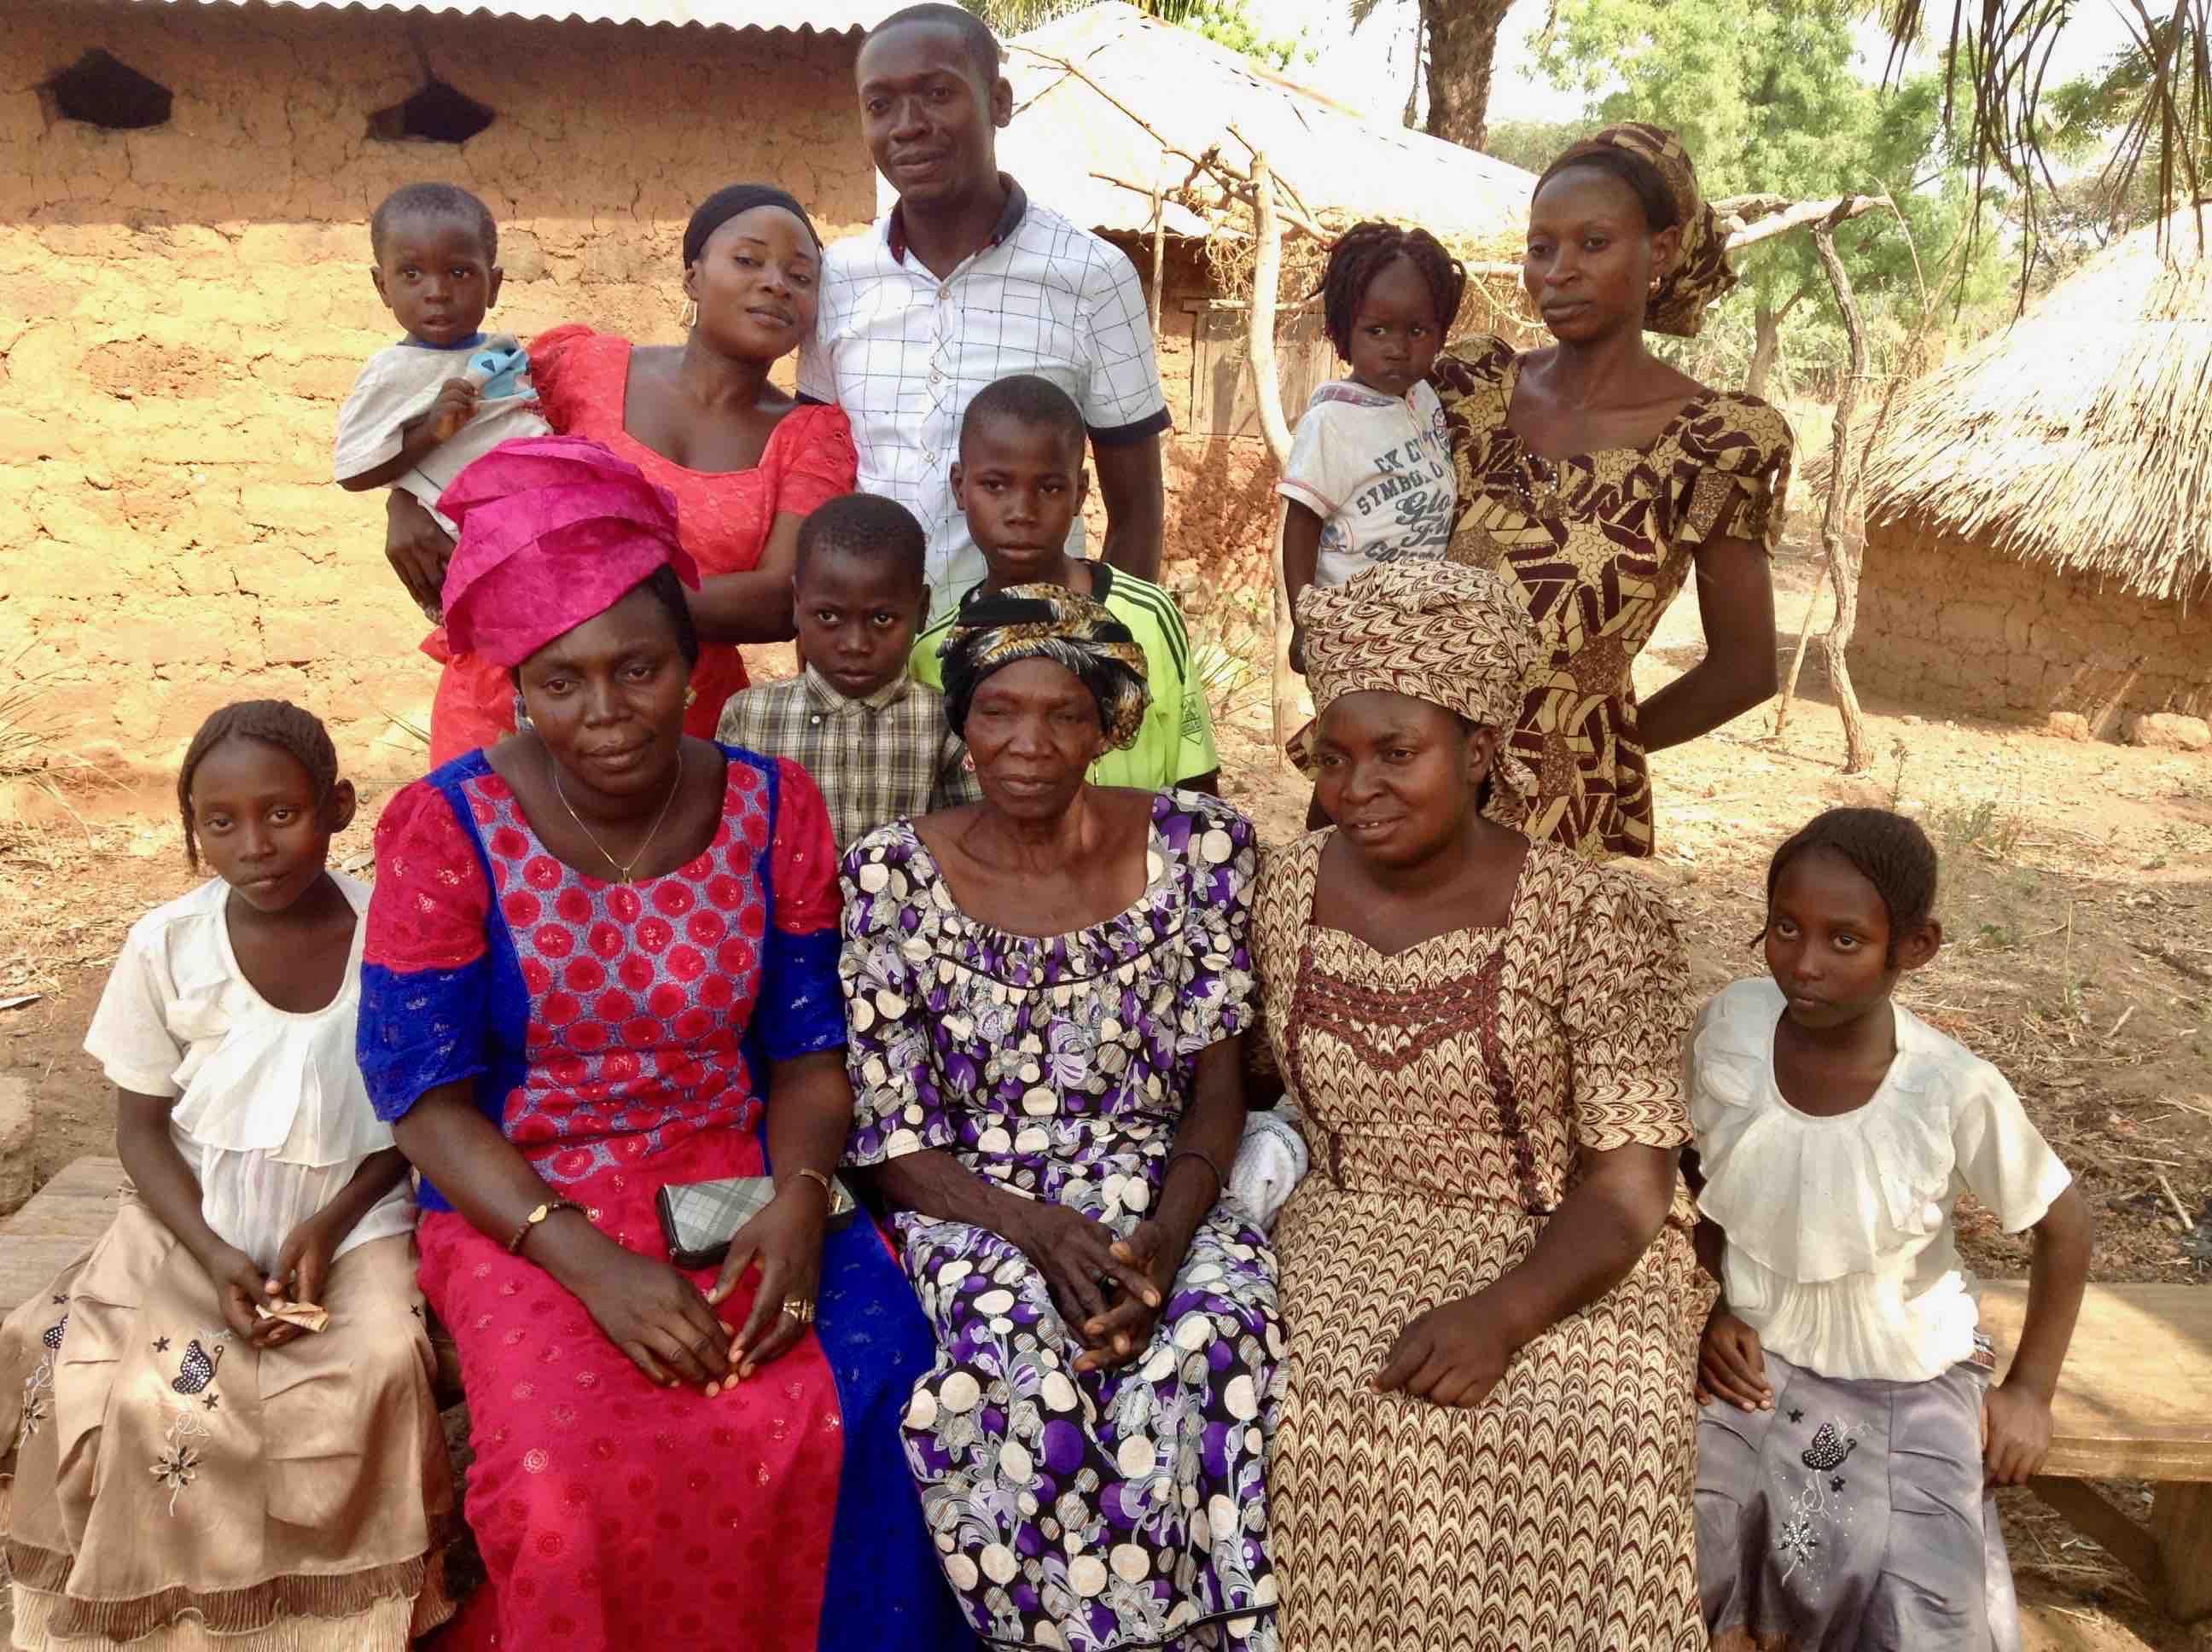 Eggon Family Portrait, Langa Langa Village, Nasarawa State, Nigeria. #JujuFilms